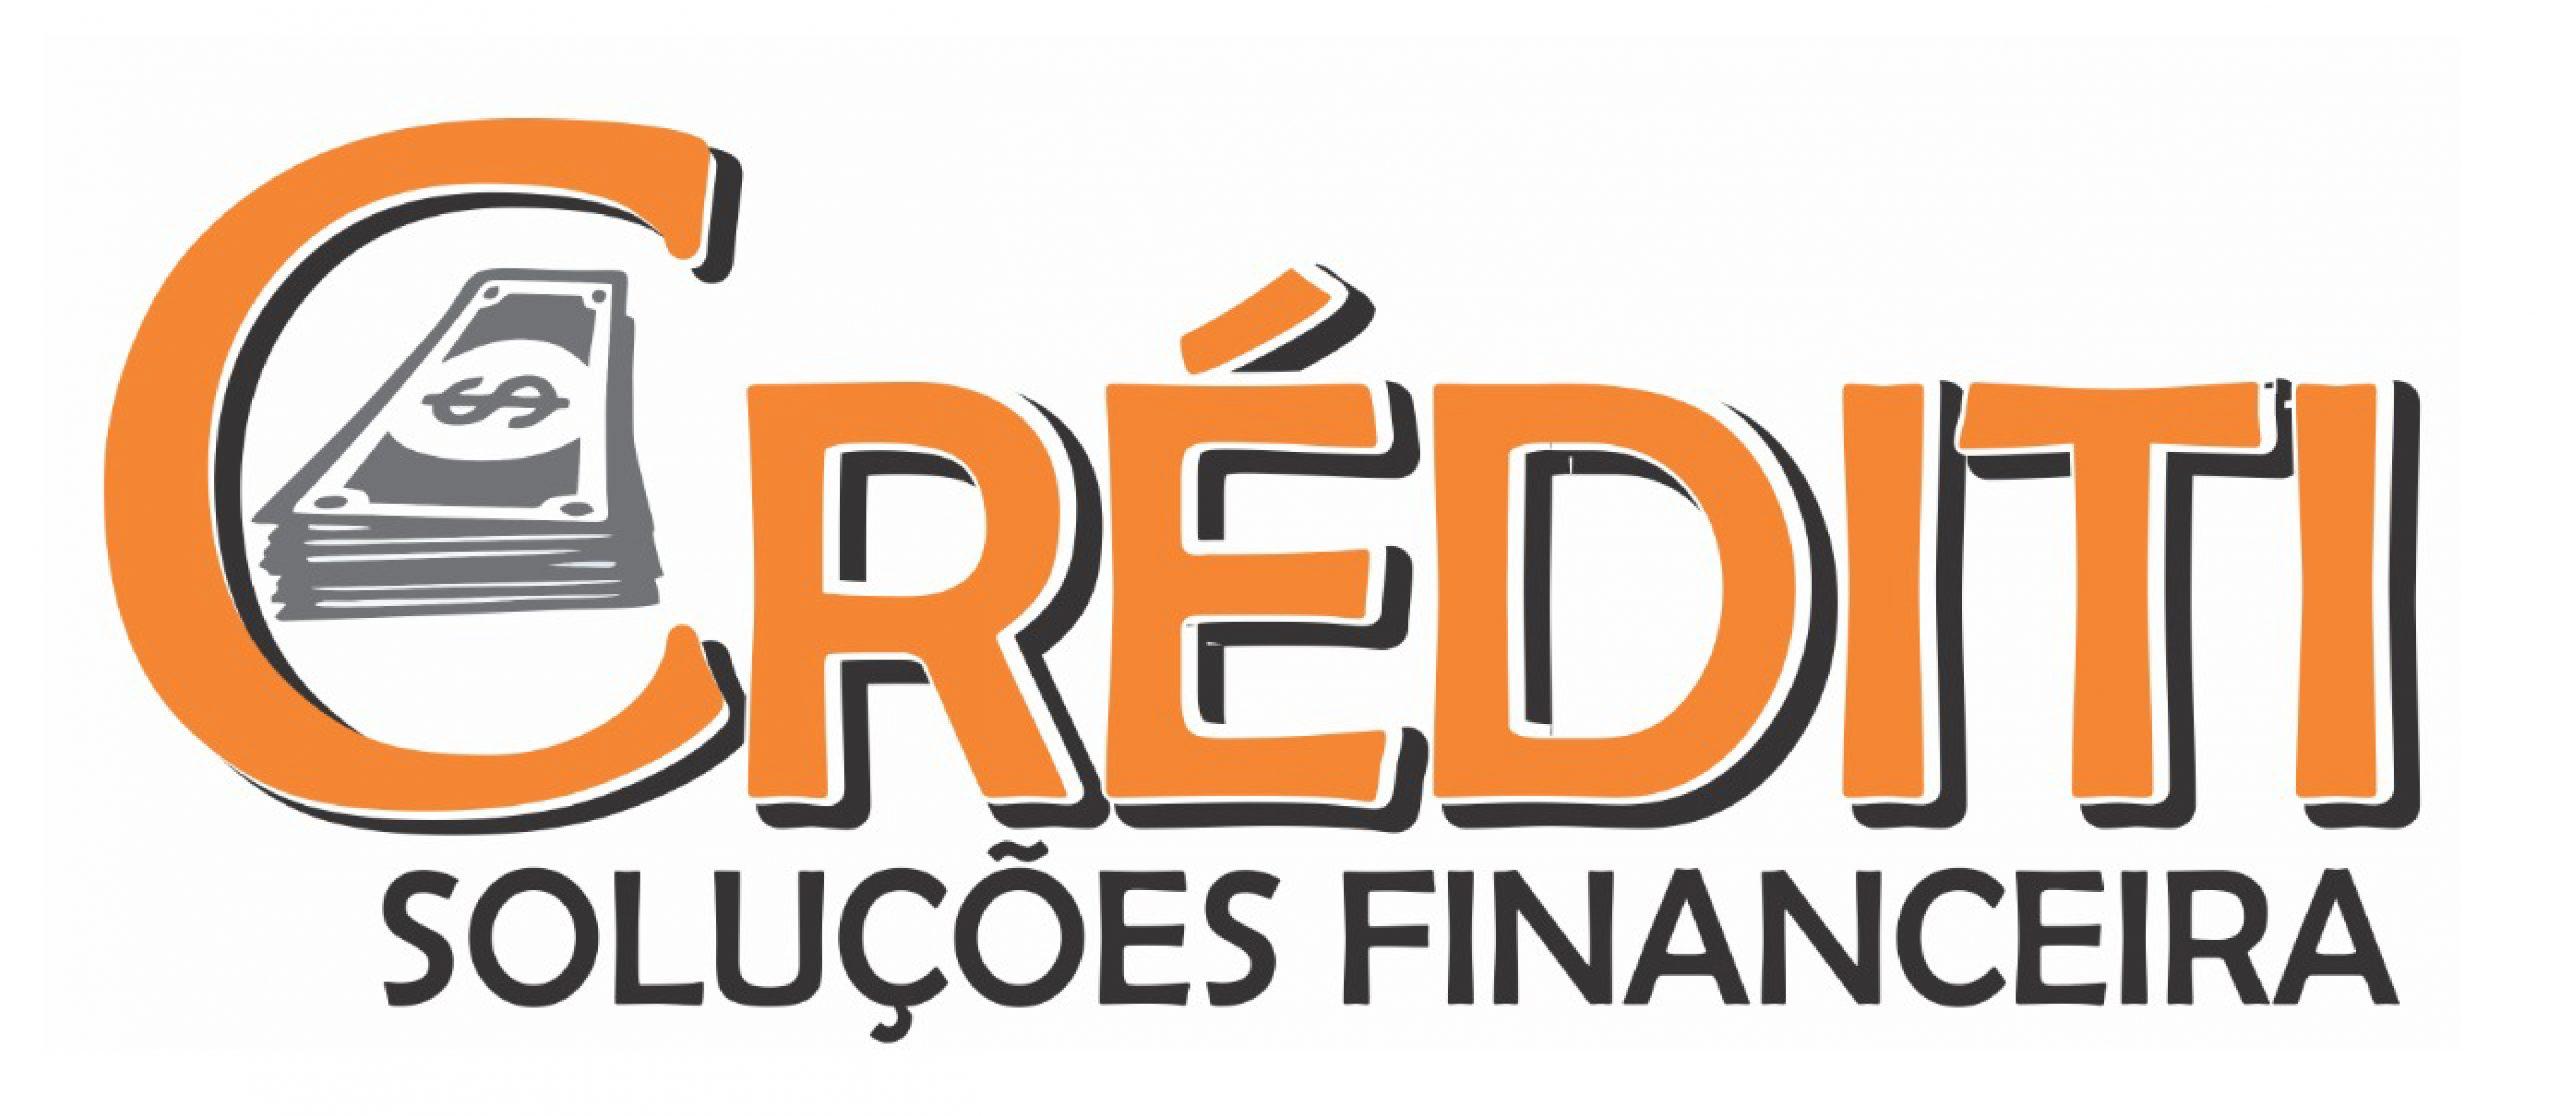 Créditi - Soluções Financeiras